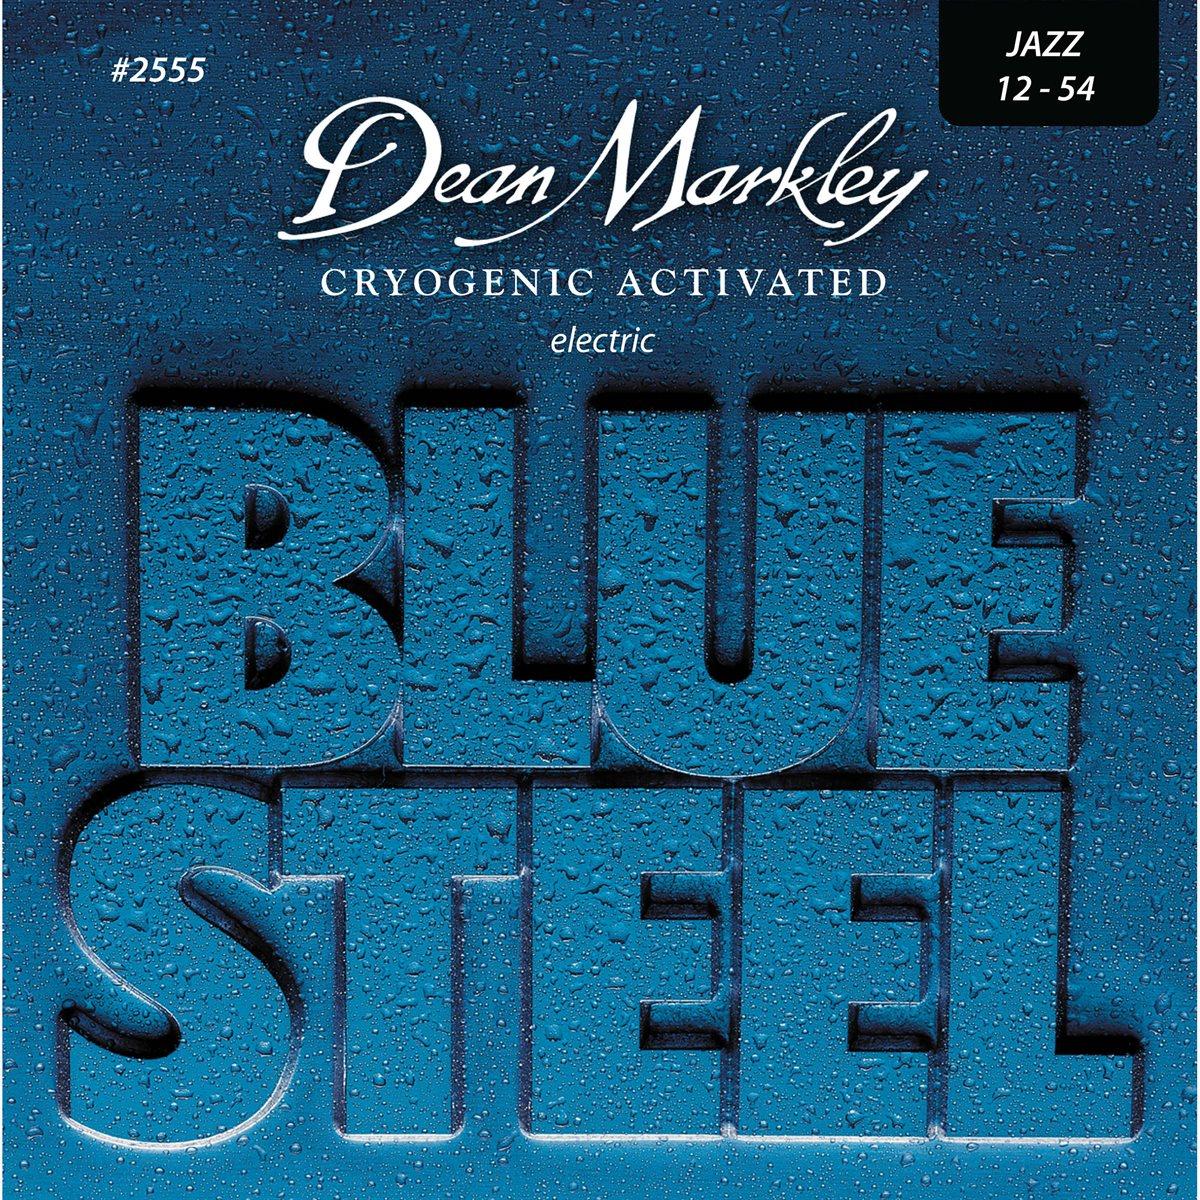 DEAN MARKLEY - Ensemble de cordes de guitare électrique Blue Steel 12-54